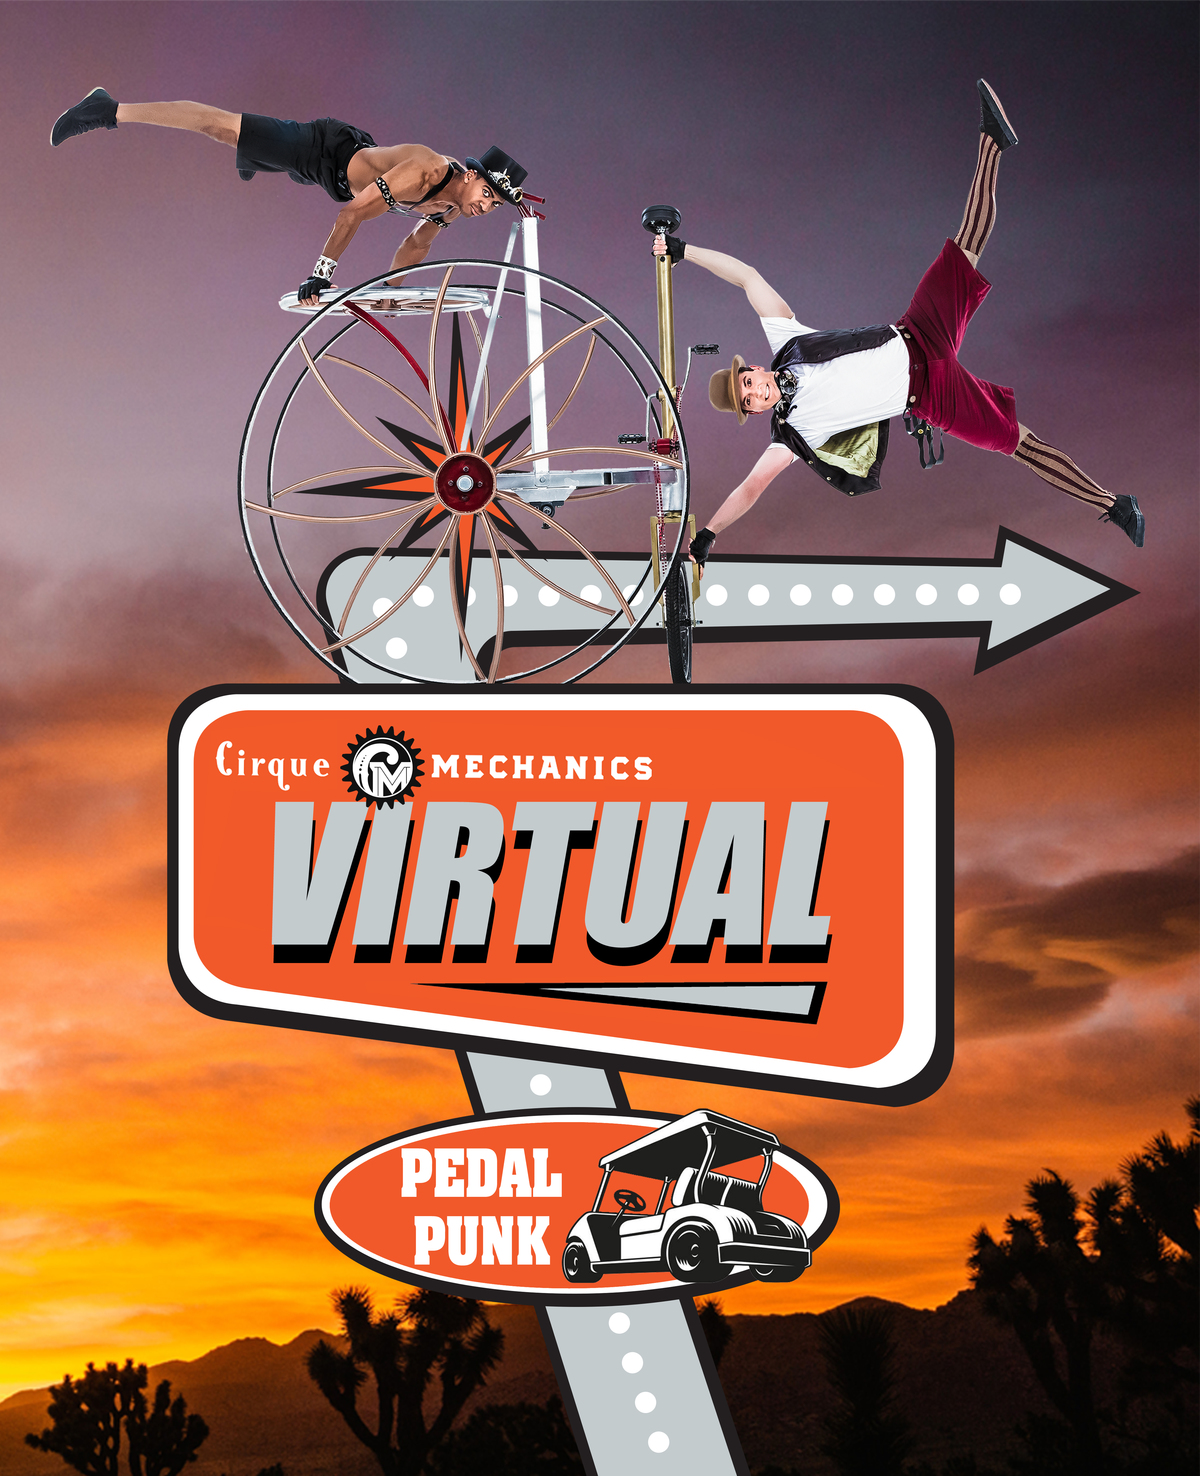 Cirque Mechanics Virtually Pedal Punk - Circus Events - CircusTalk